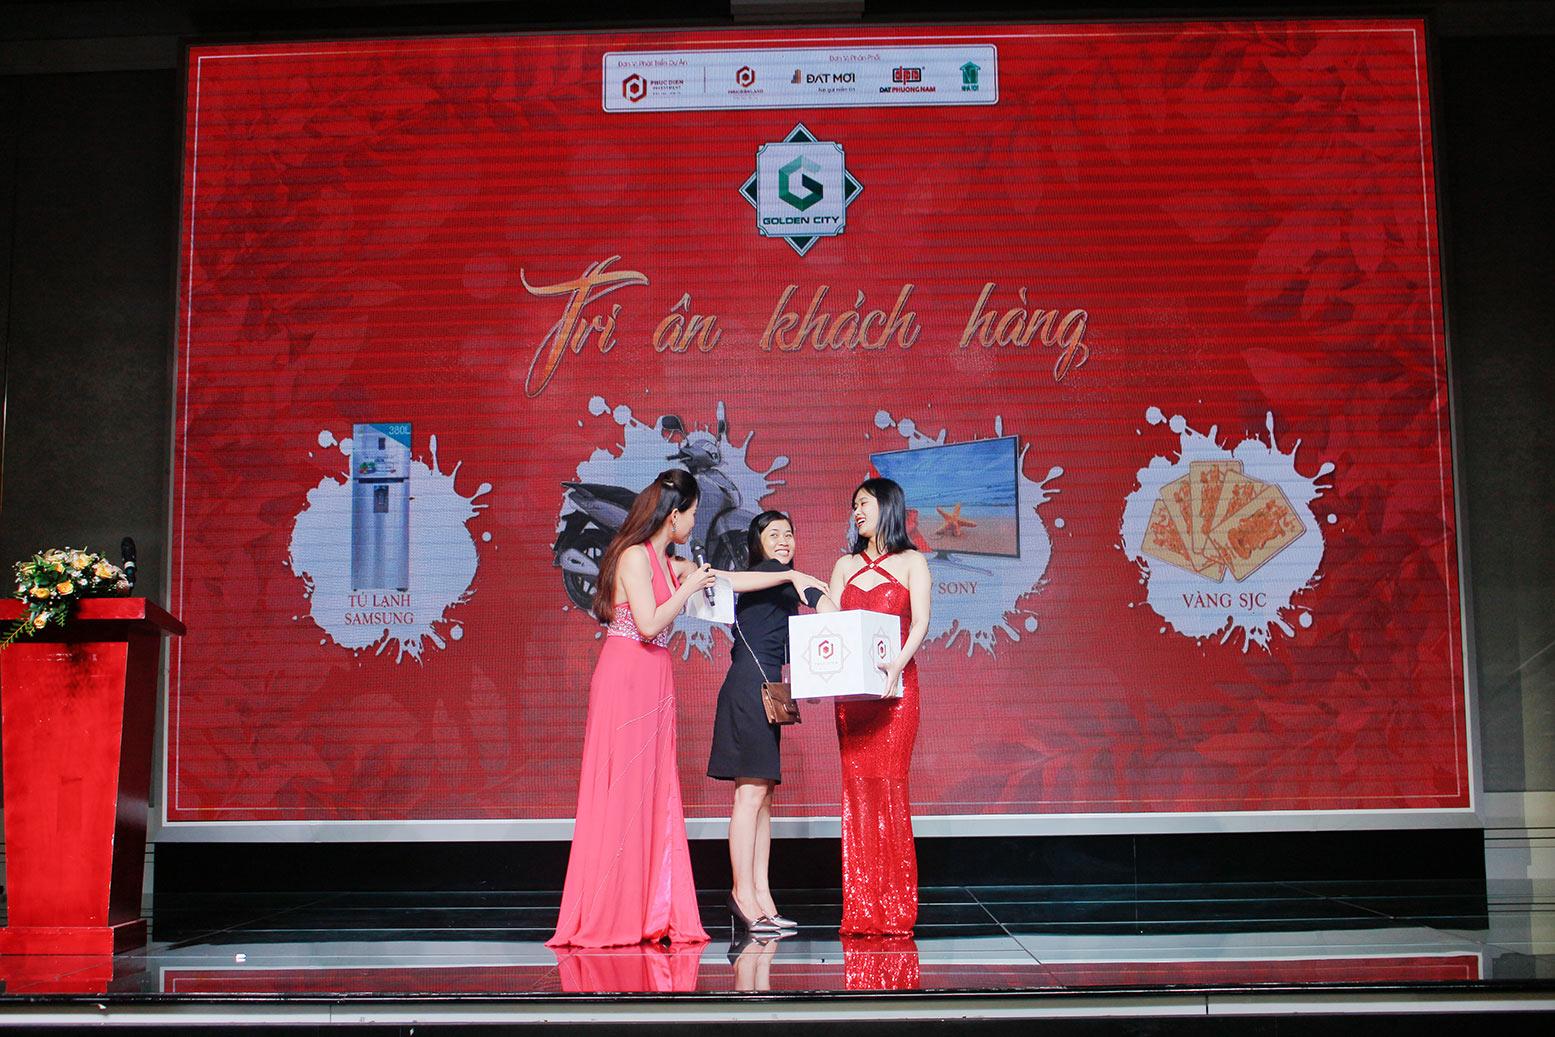 Hơn 90% giao dịch thành công tại buổi lễ công bố giai đoạn 1 KDC Golden City 10